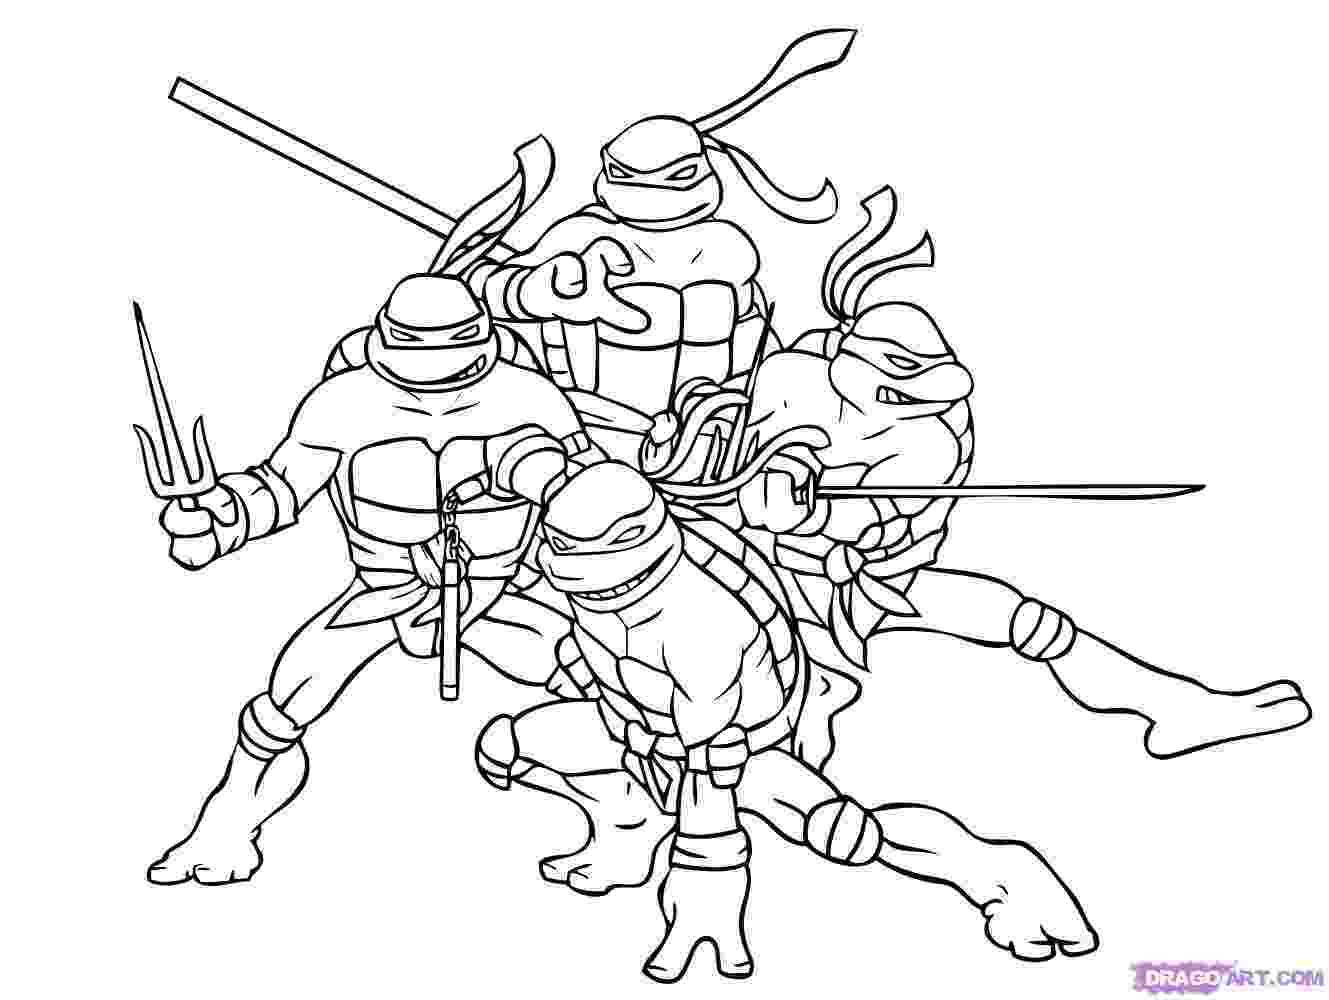 tmnt coloring teenage mutant ninja turtles coloring pages raphael coloring tmnt